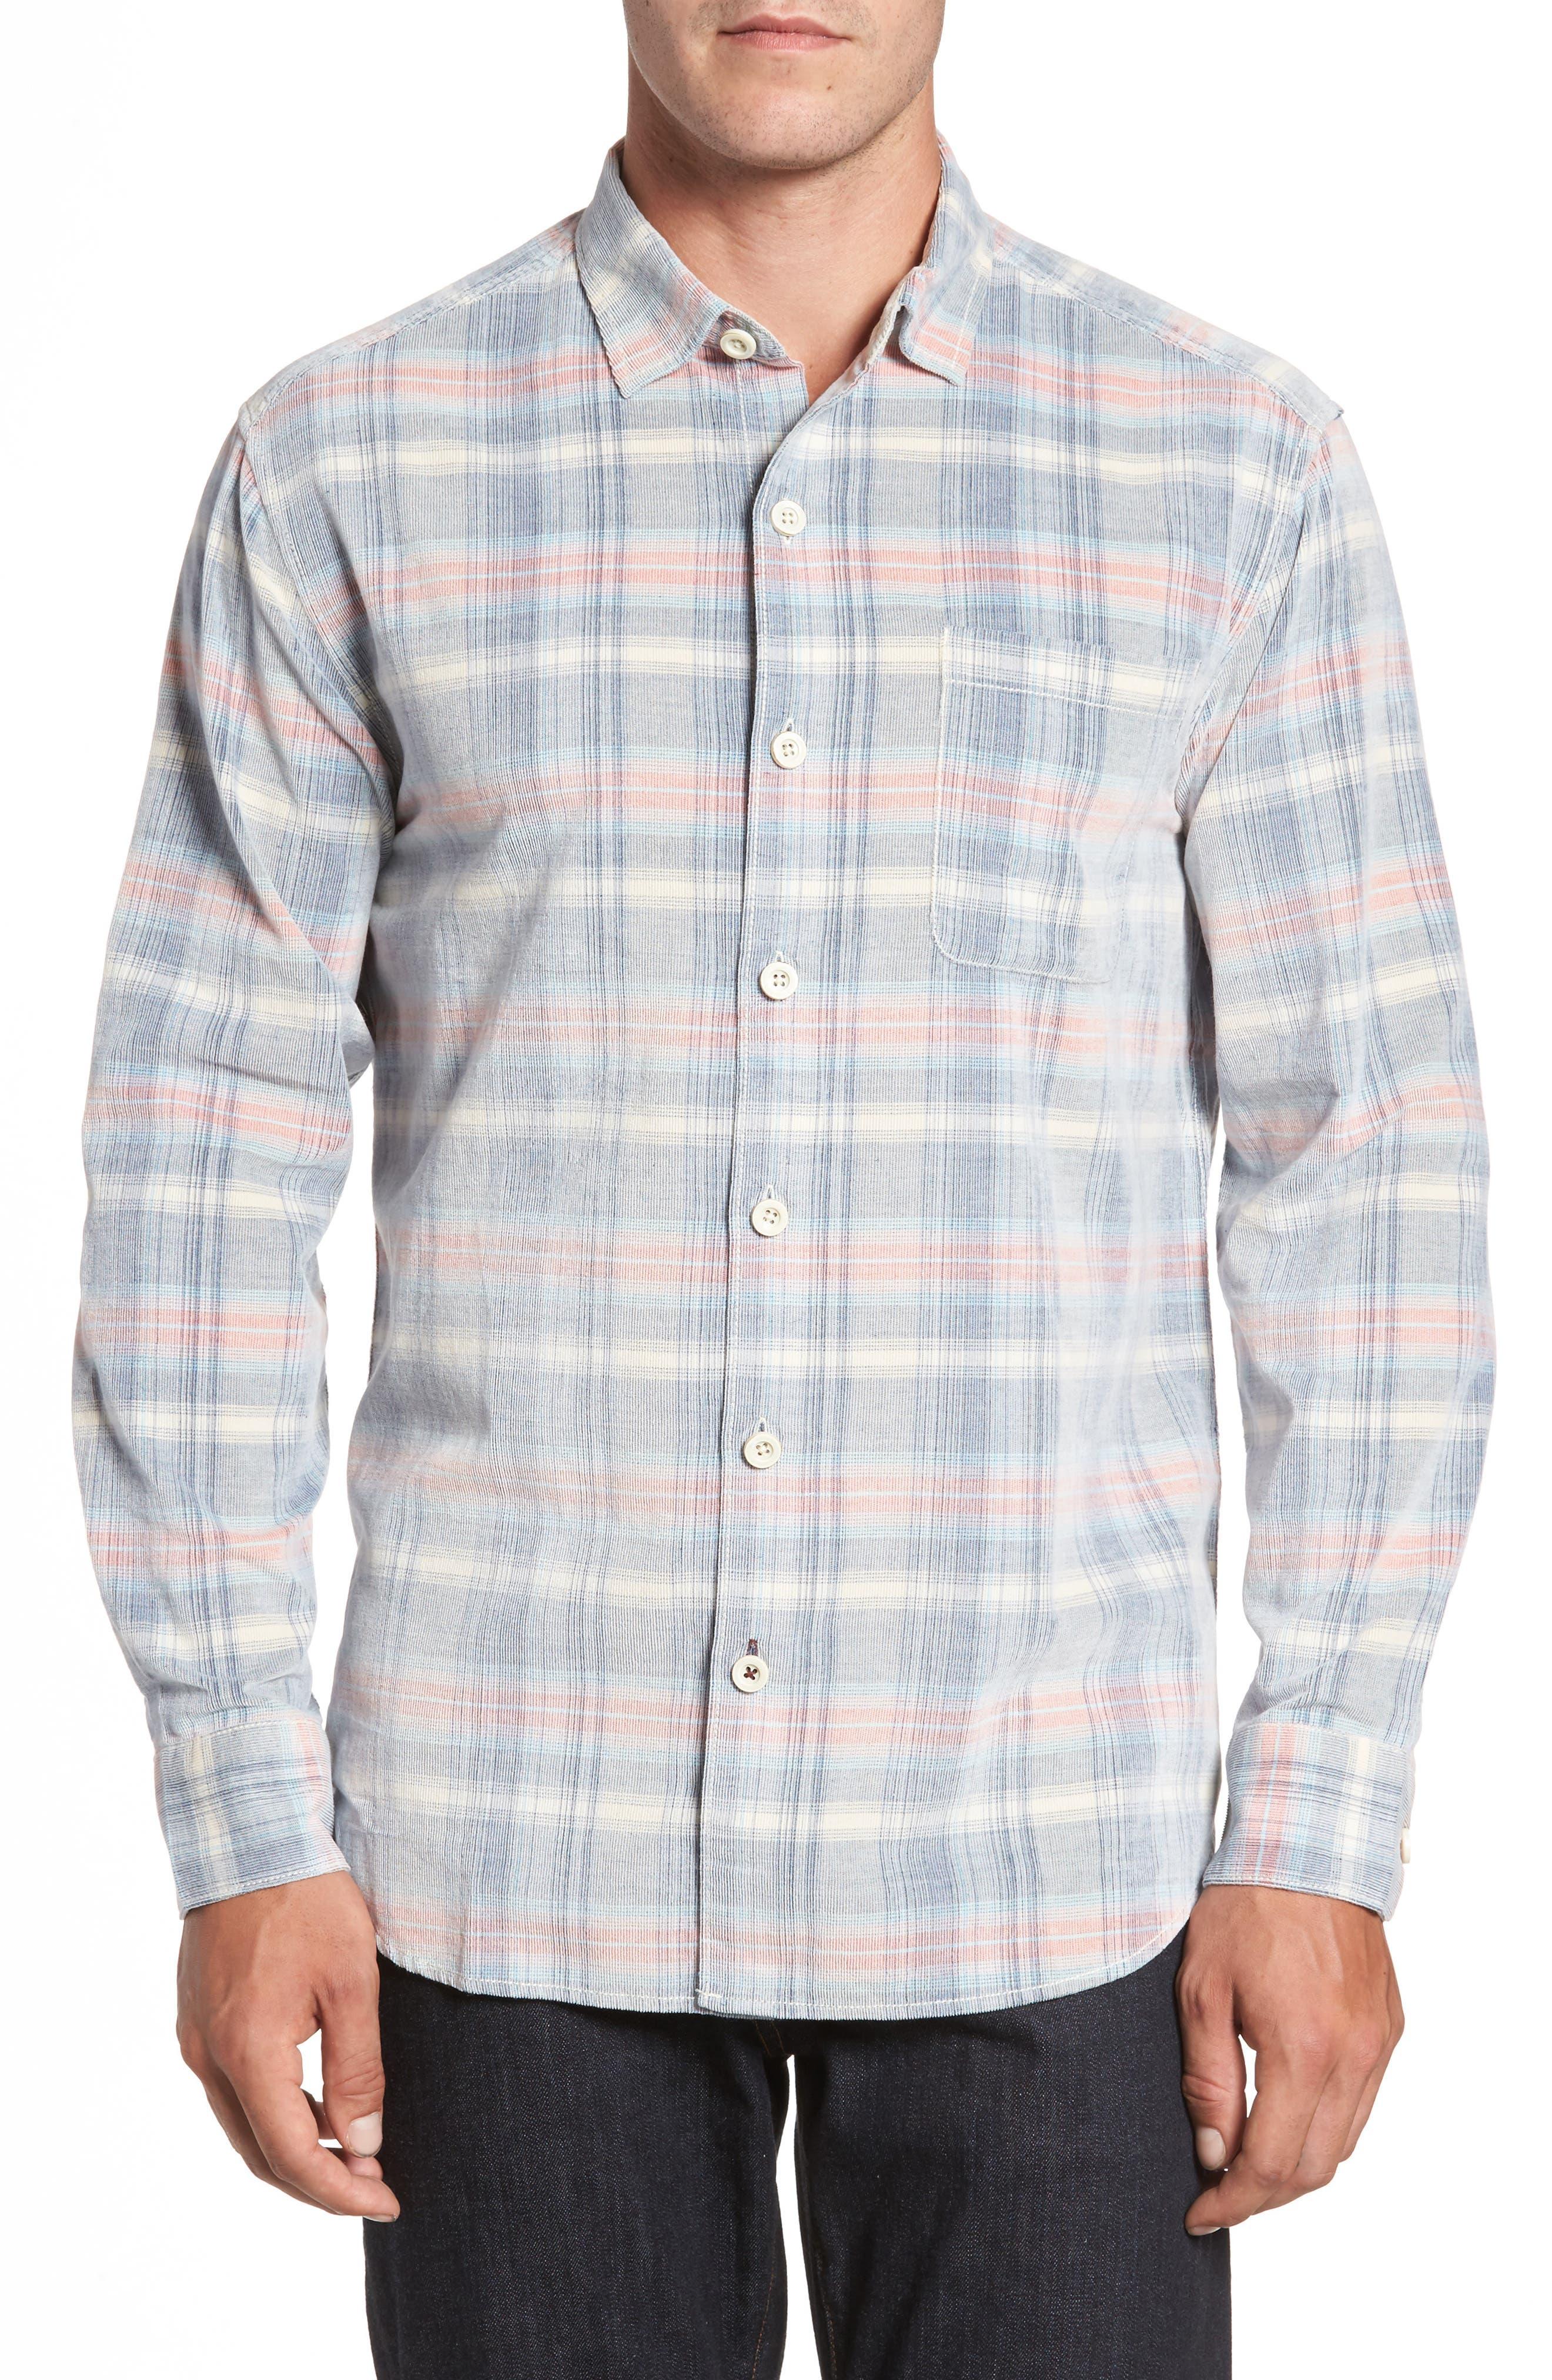 Cordwalk Plaid Plaid Sport Shirt,                         Main,                         color, Bering Blue